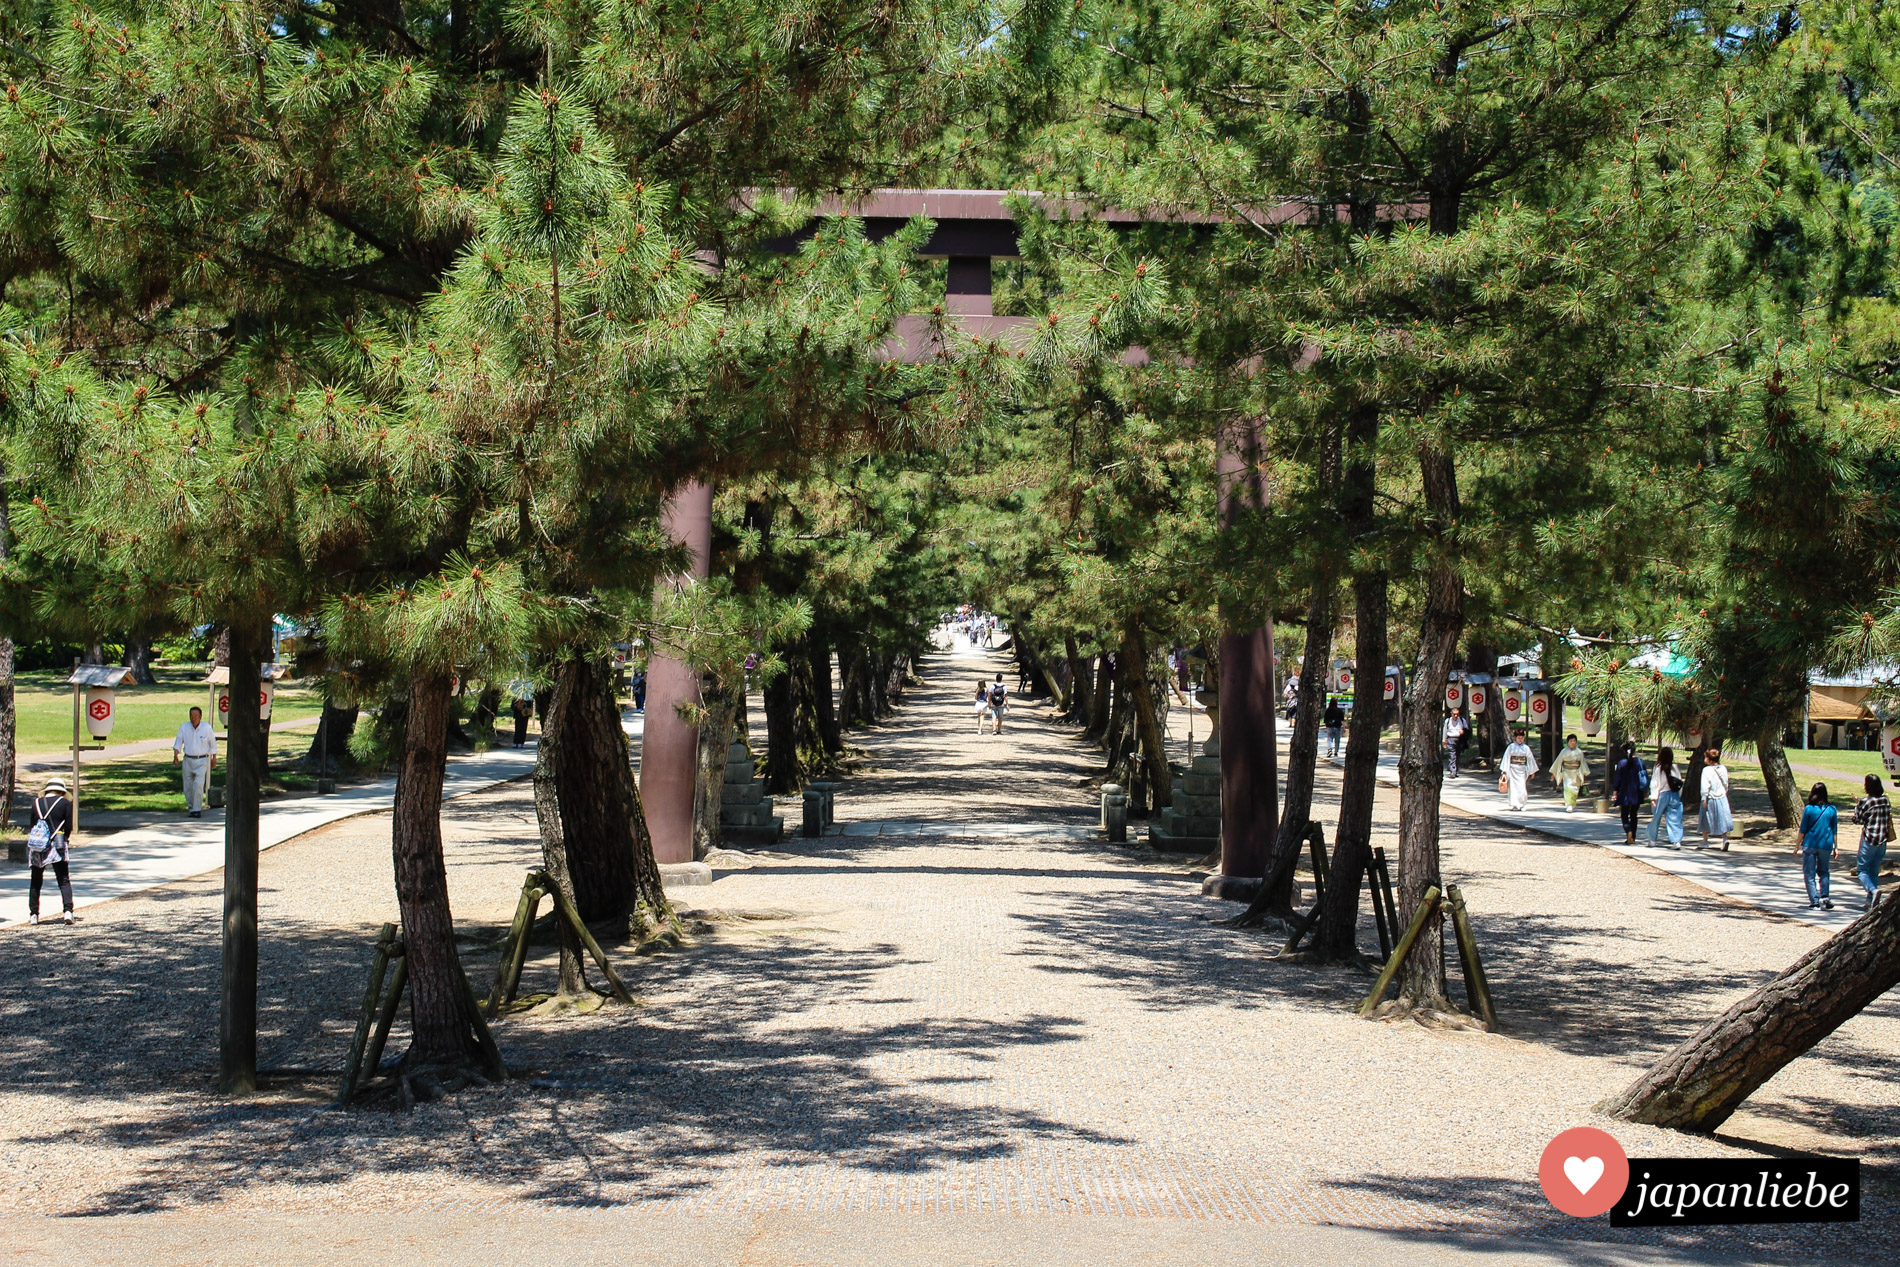 Wer am Izumo-taisha Schrein in der Mitte geht, zeigt, dass er nicht weiß, dass diese den Göttern vorbehalten ist.